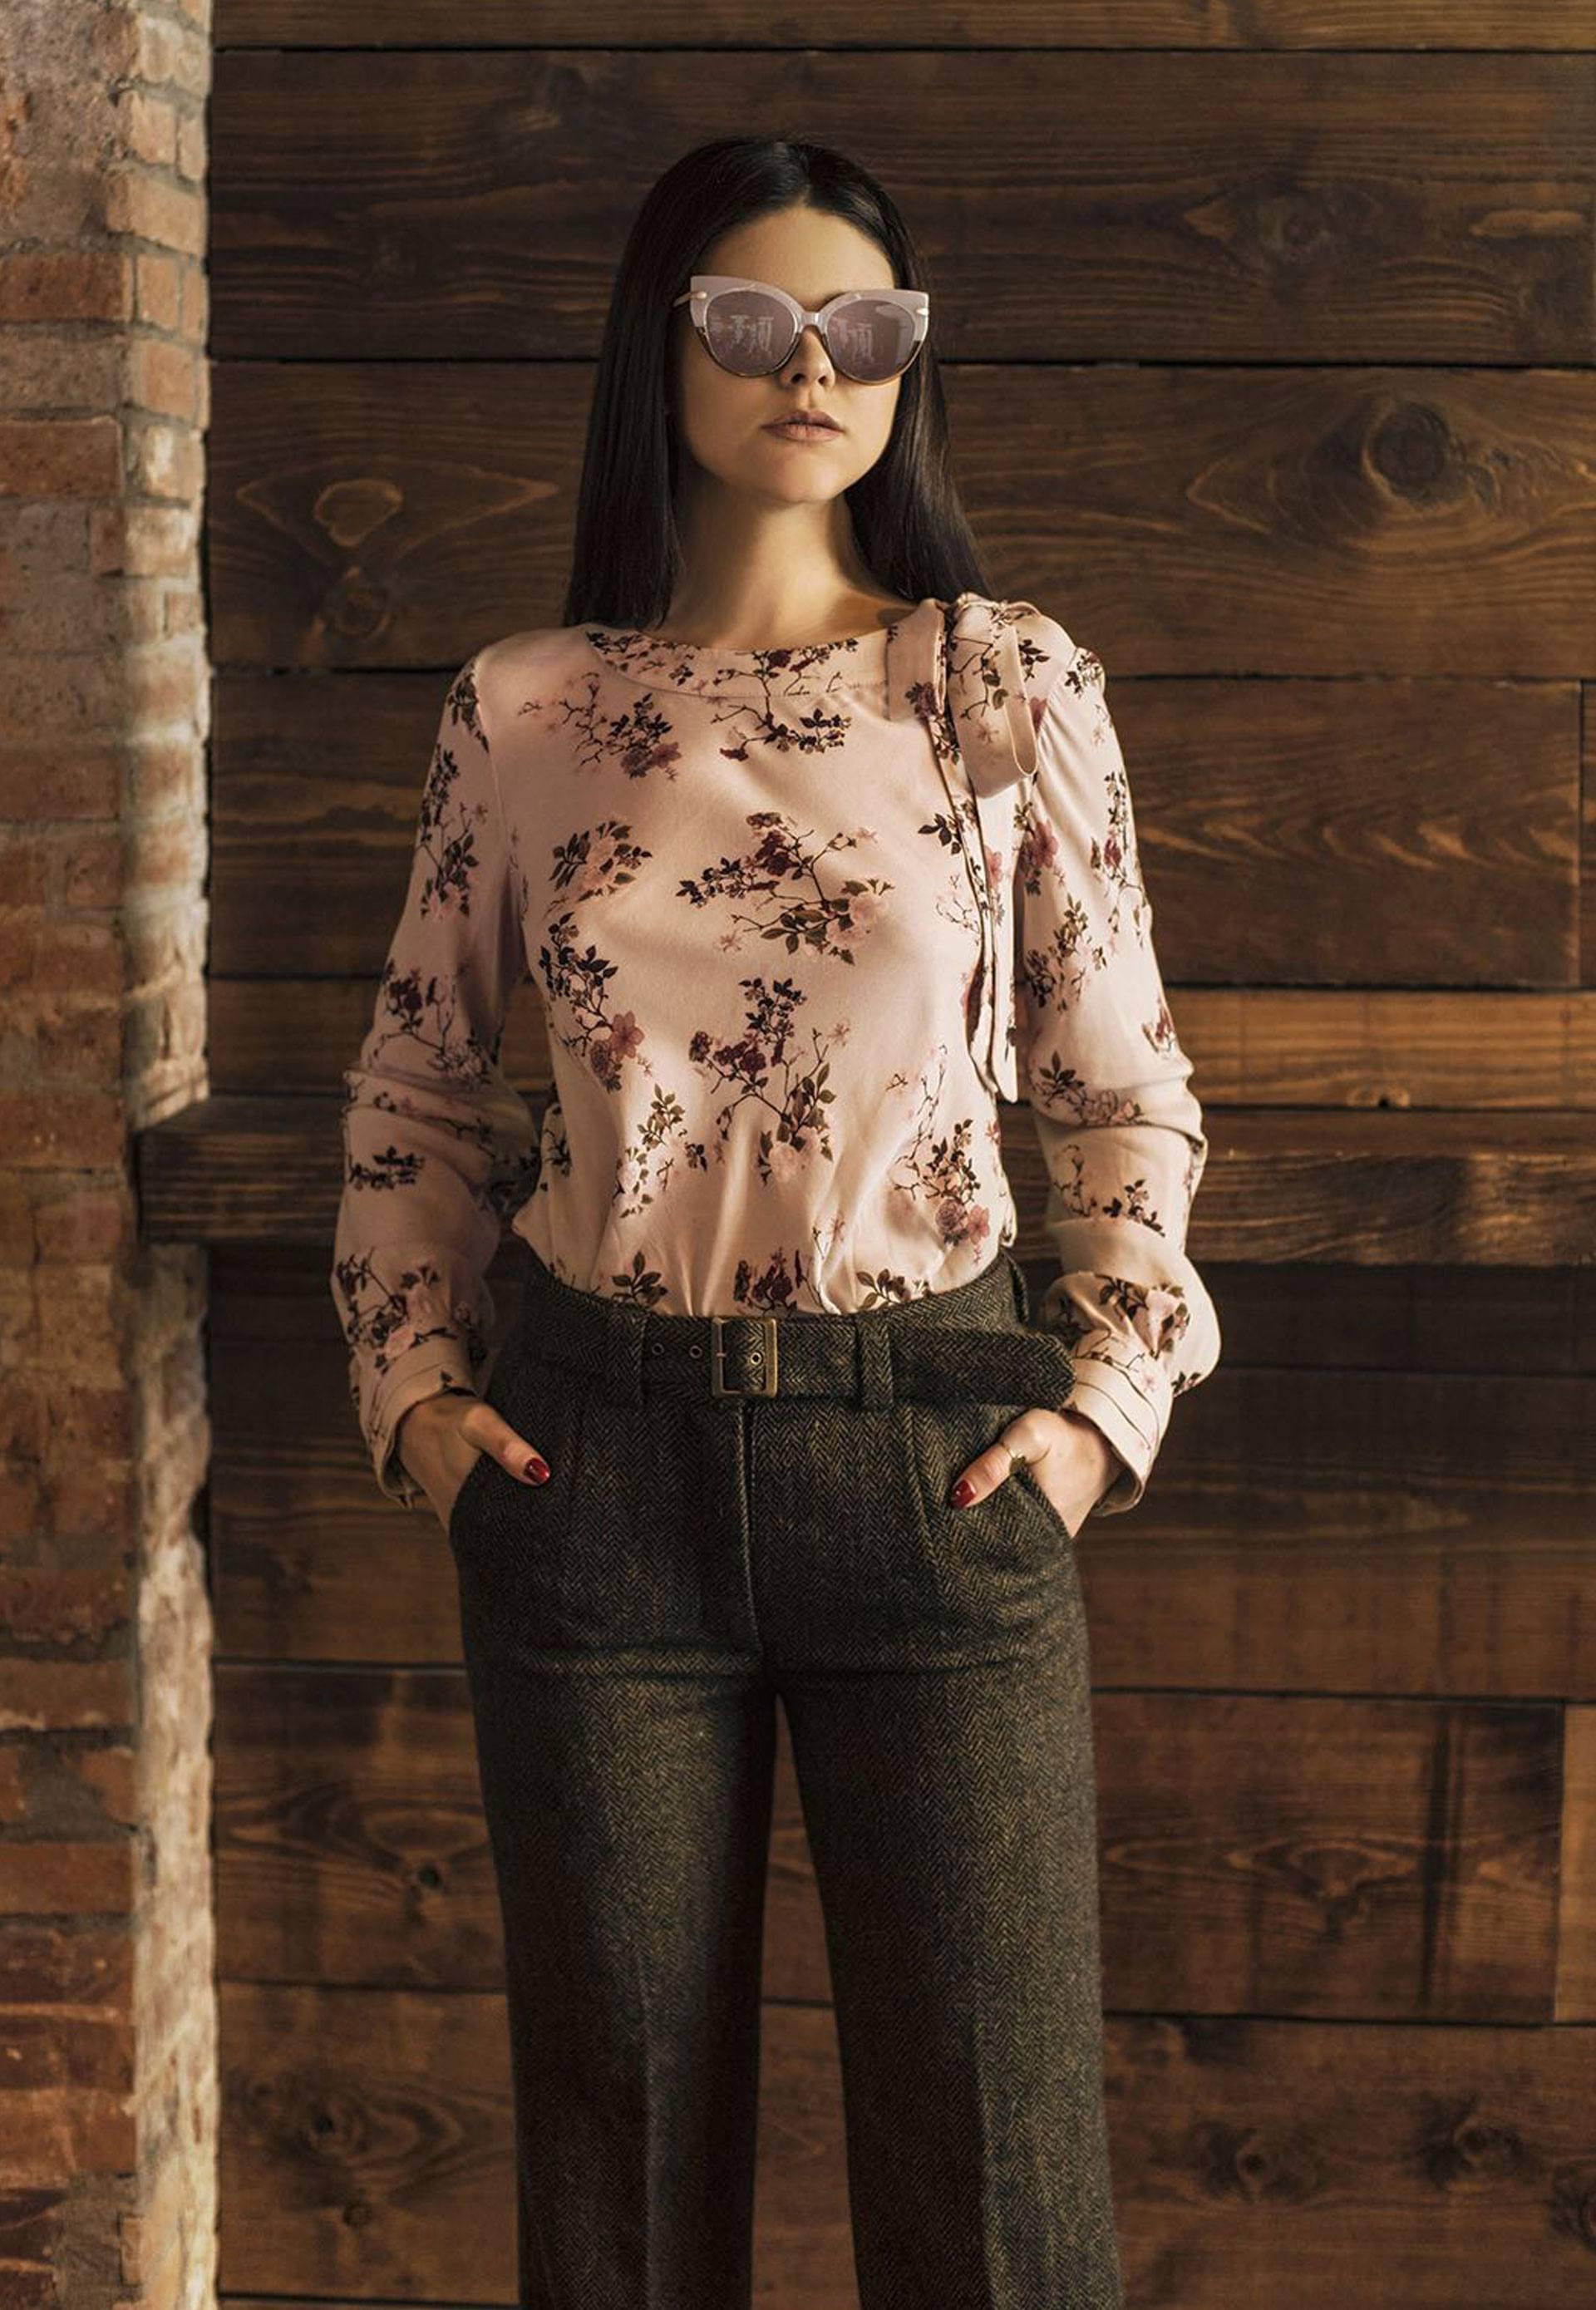 PRÊT À PORTER-CÁPSULA IO WINTER 18 - TOPS - Blusa print floral rosa empolvado